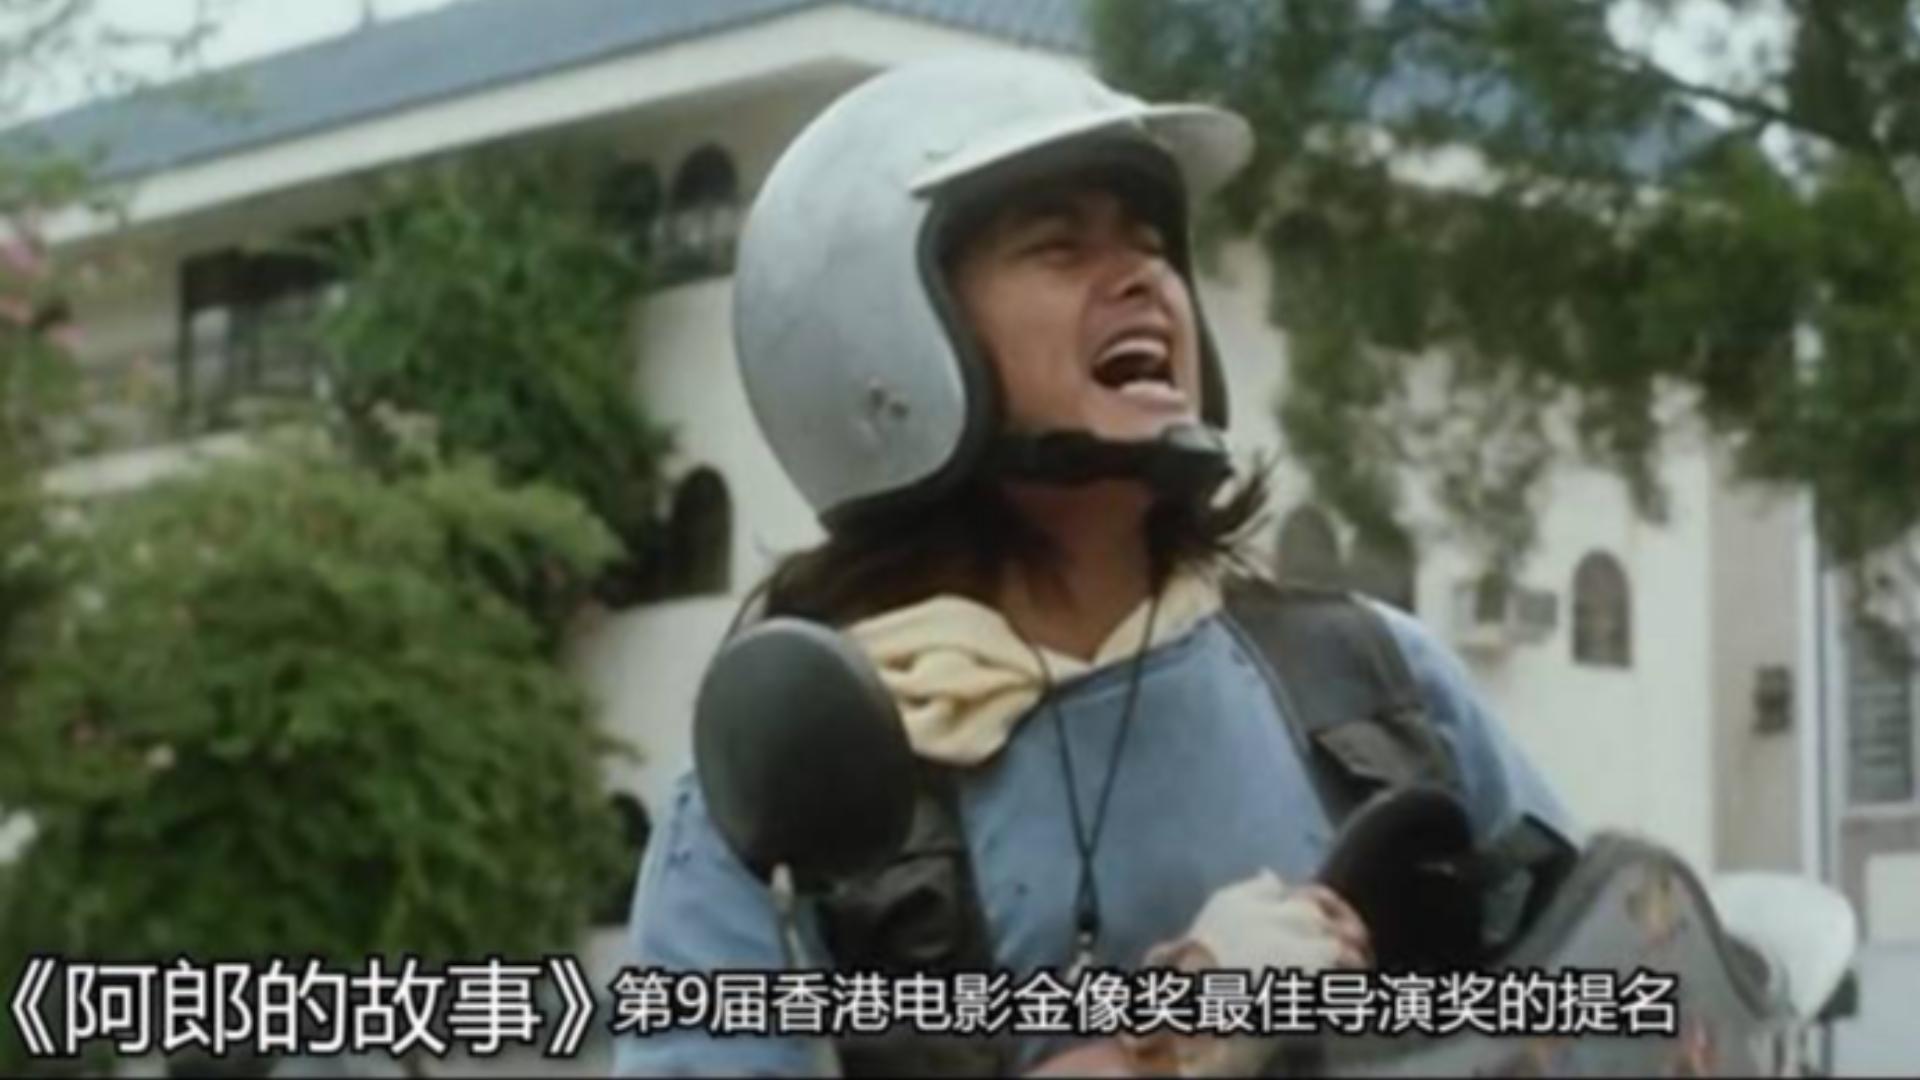 盘点吴宇森导演获奖影片的经典场面,记忆中无法抹去的经典